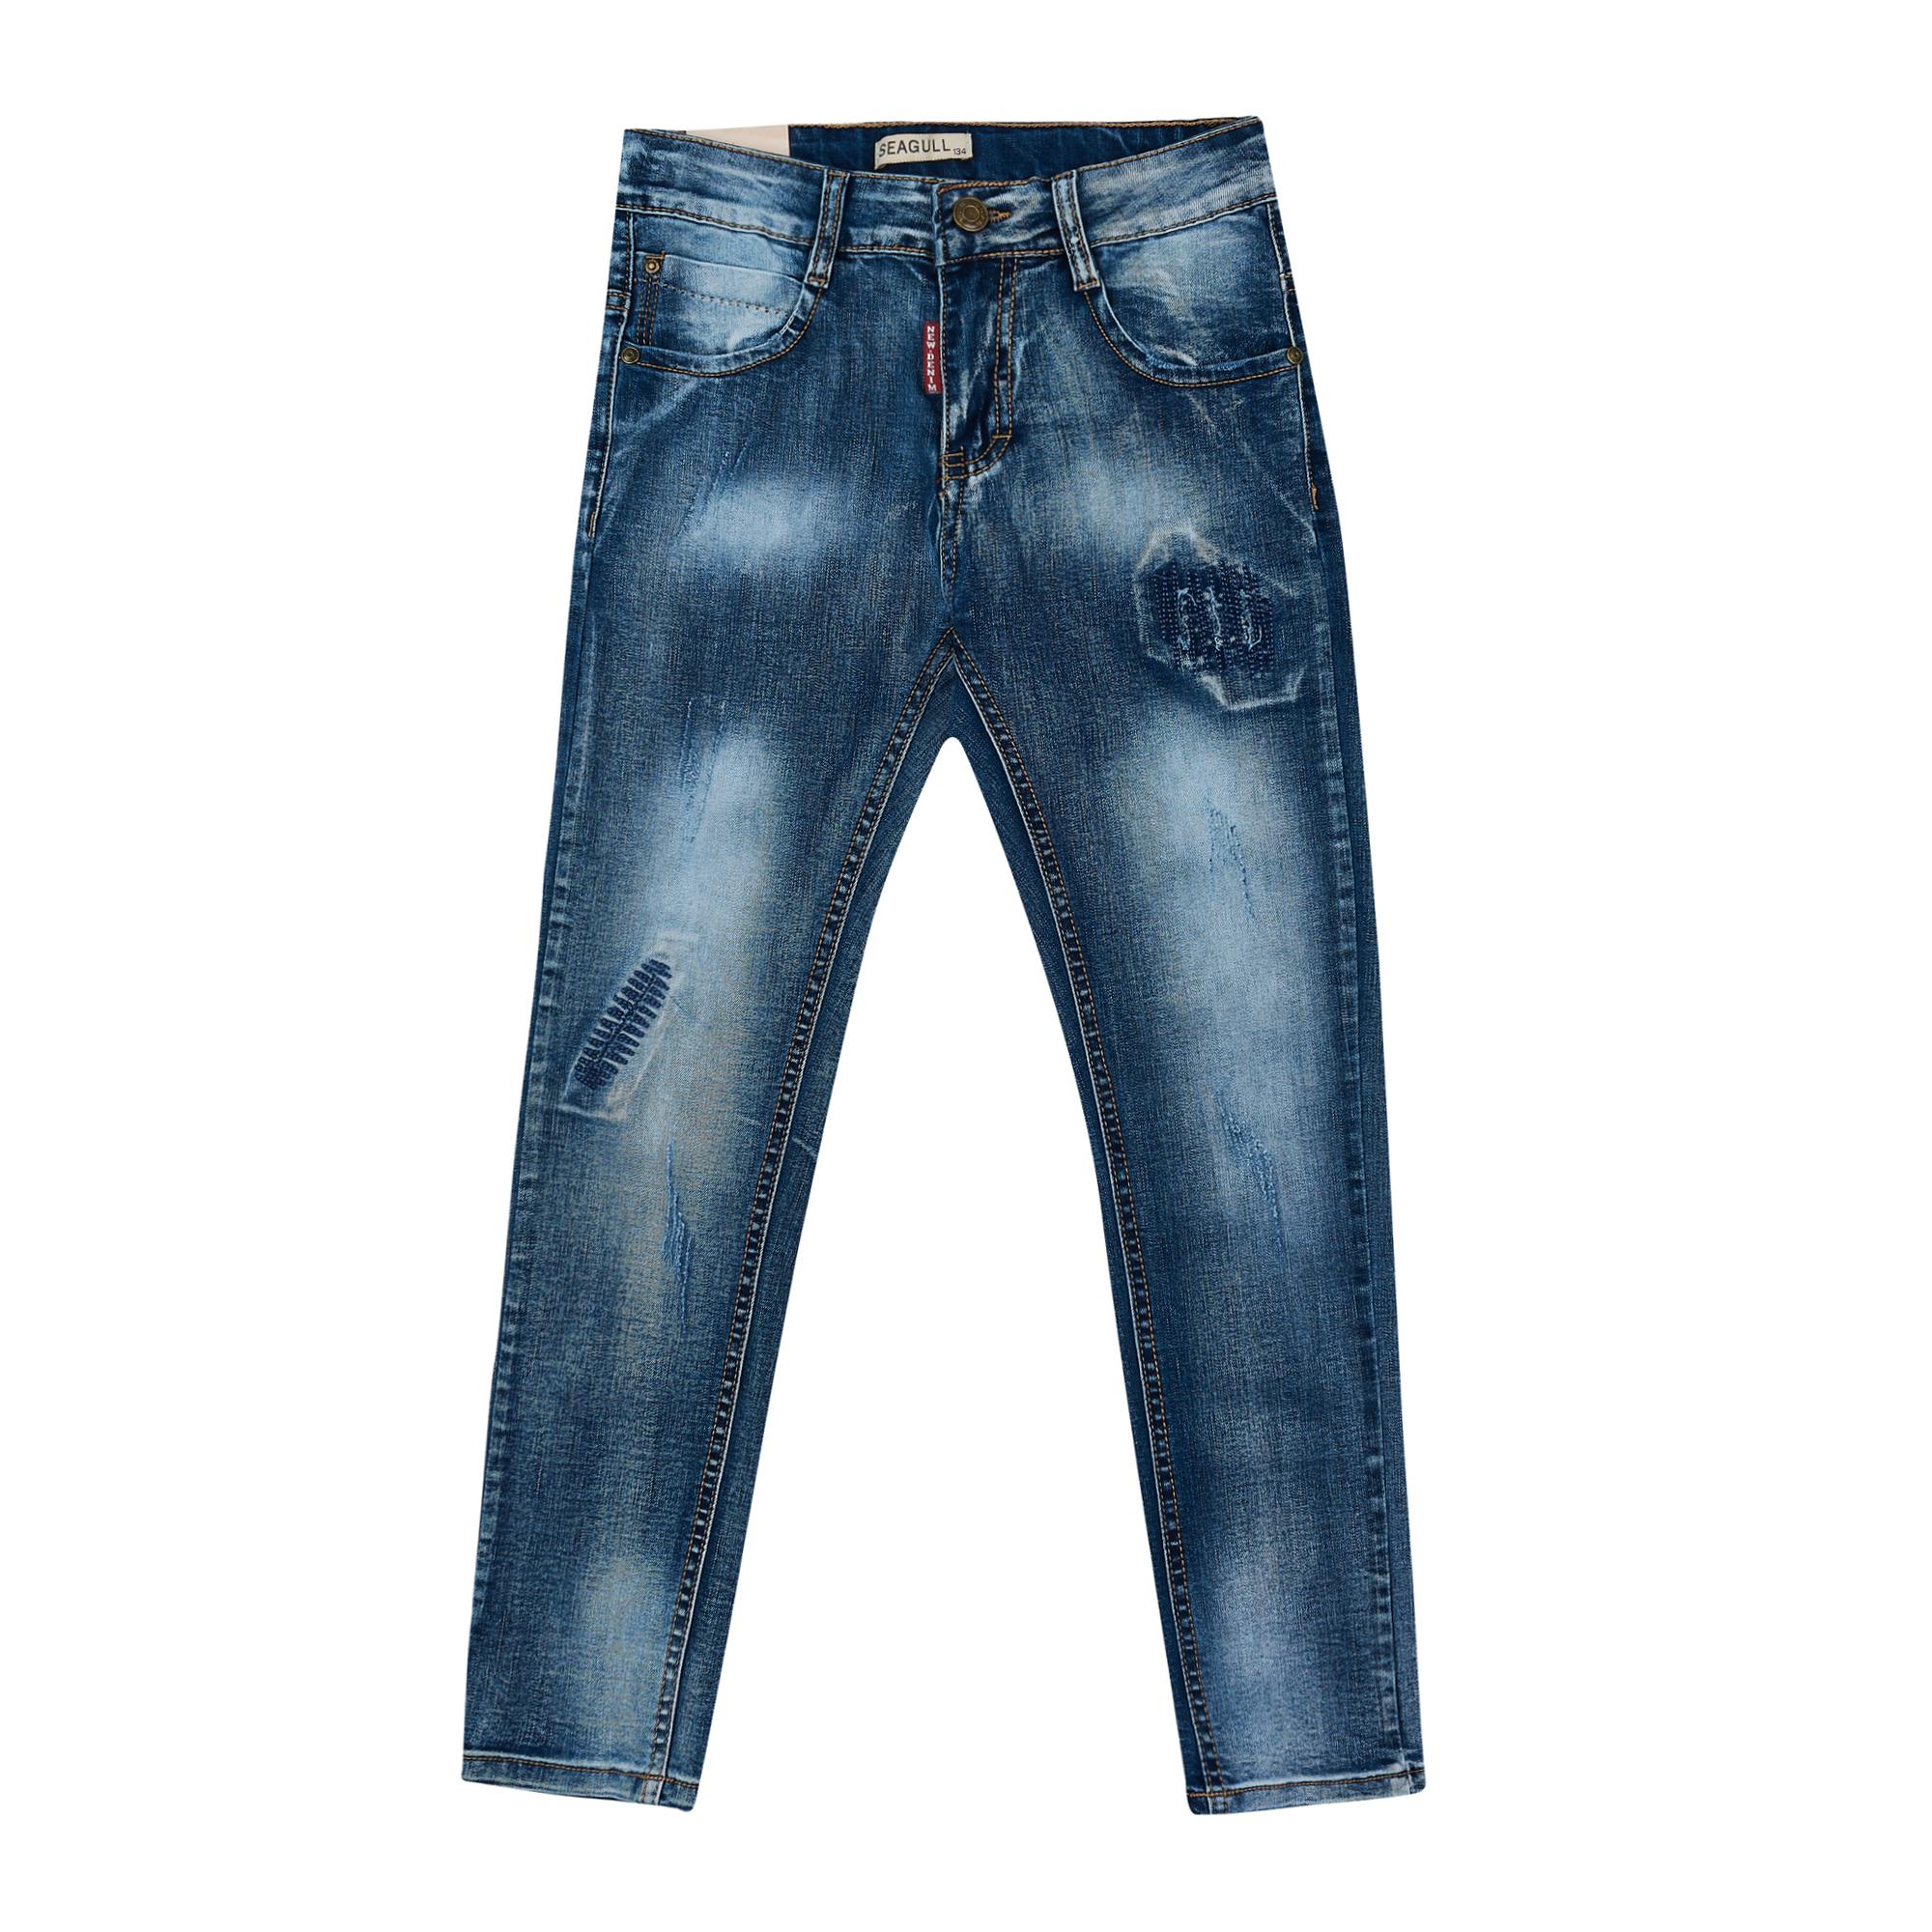 Штани для хлопчика джинсові Арт. 68001 Seagull